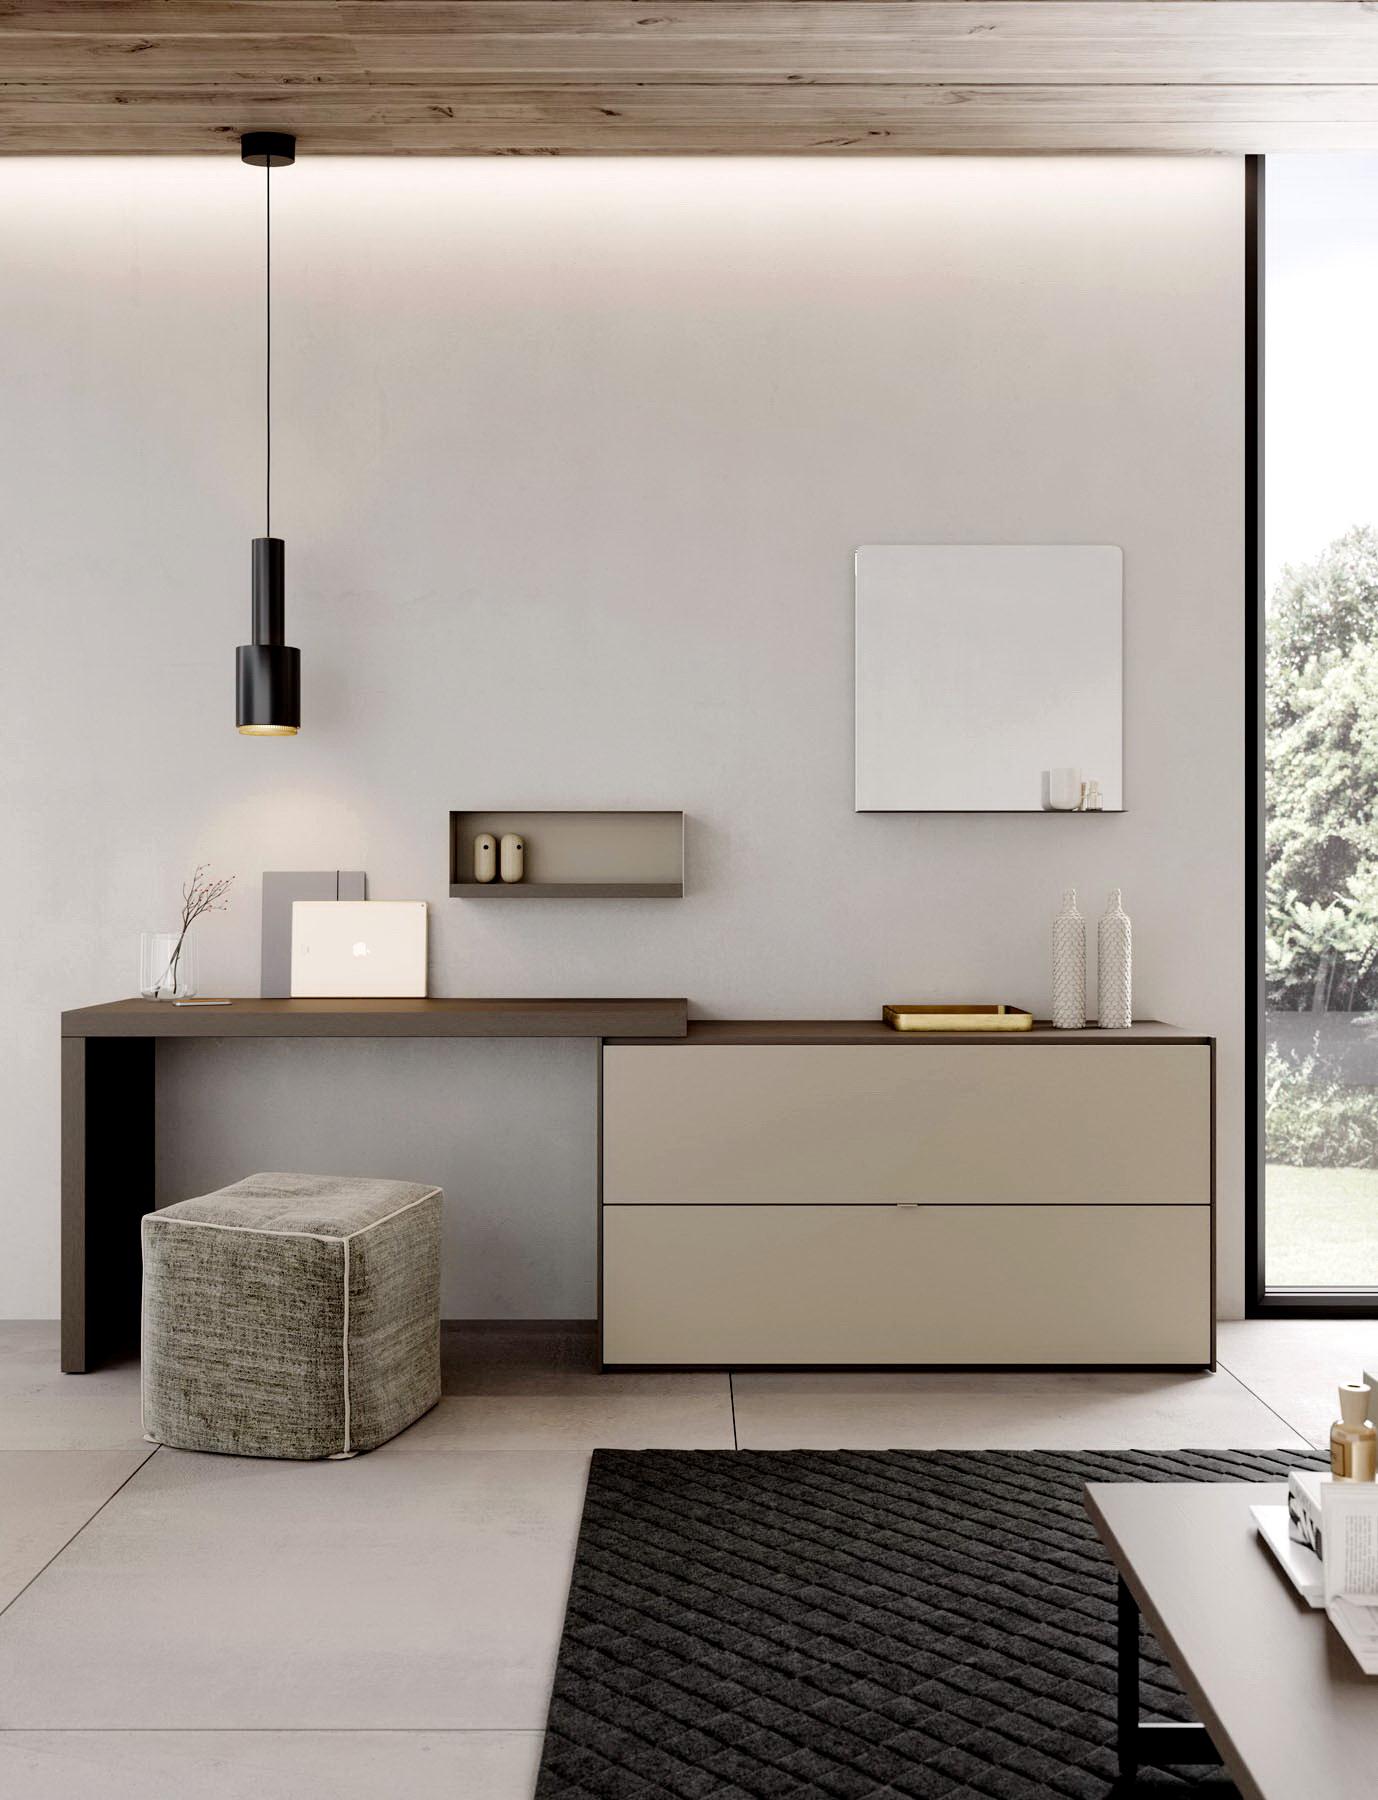 Cómoda dormitorio moderno by Lagrama LifeBox&AddLiving C240718.3 de venta en Muebles ANTOÑÁN León